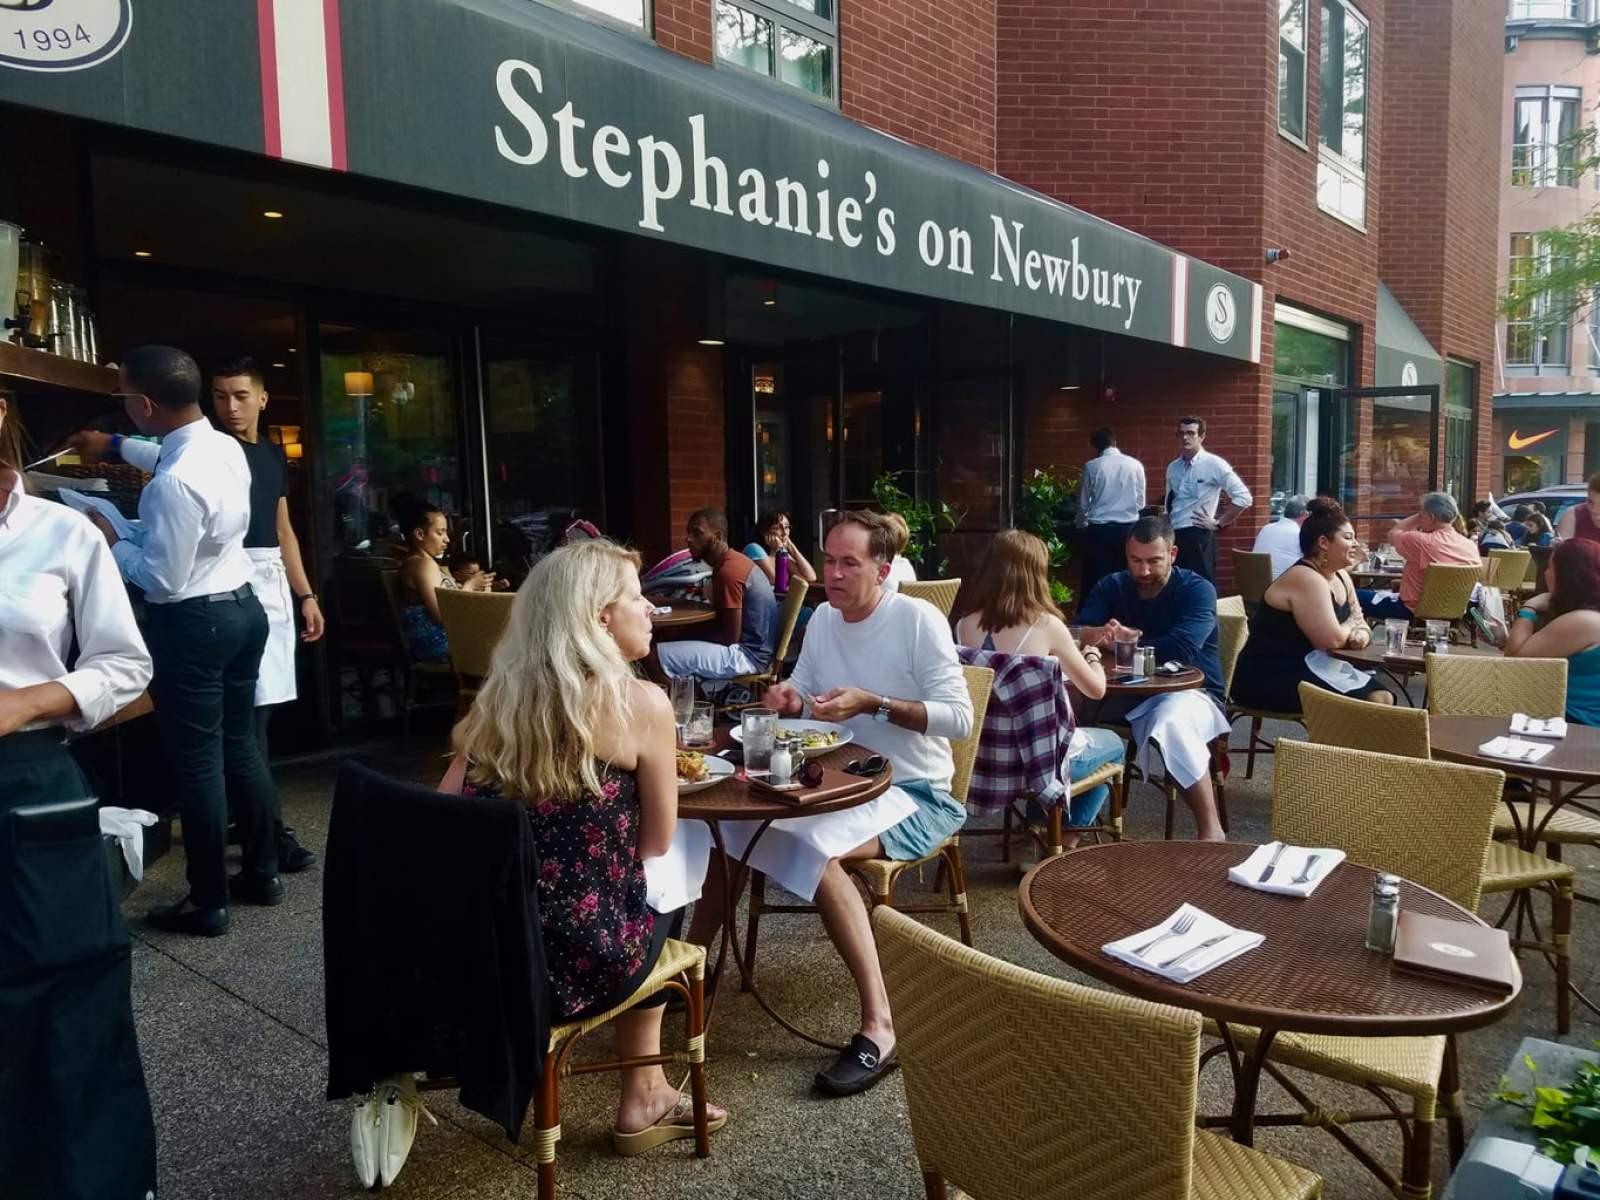 Stephanie's on Newbury Boston